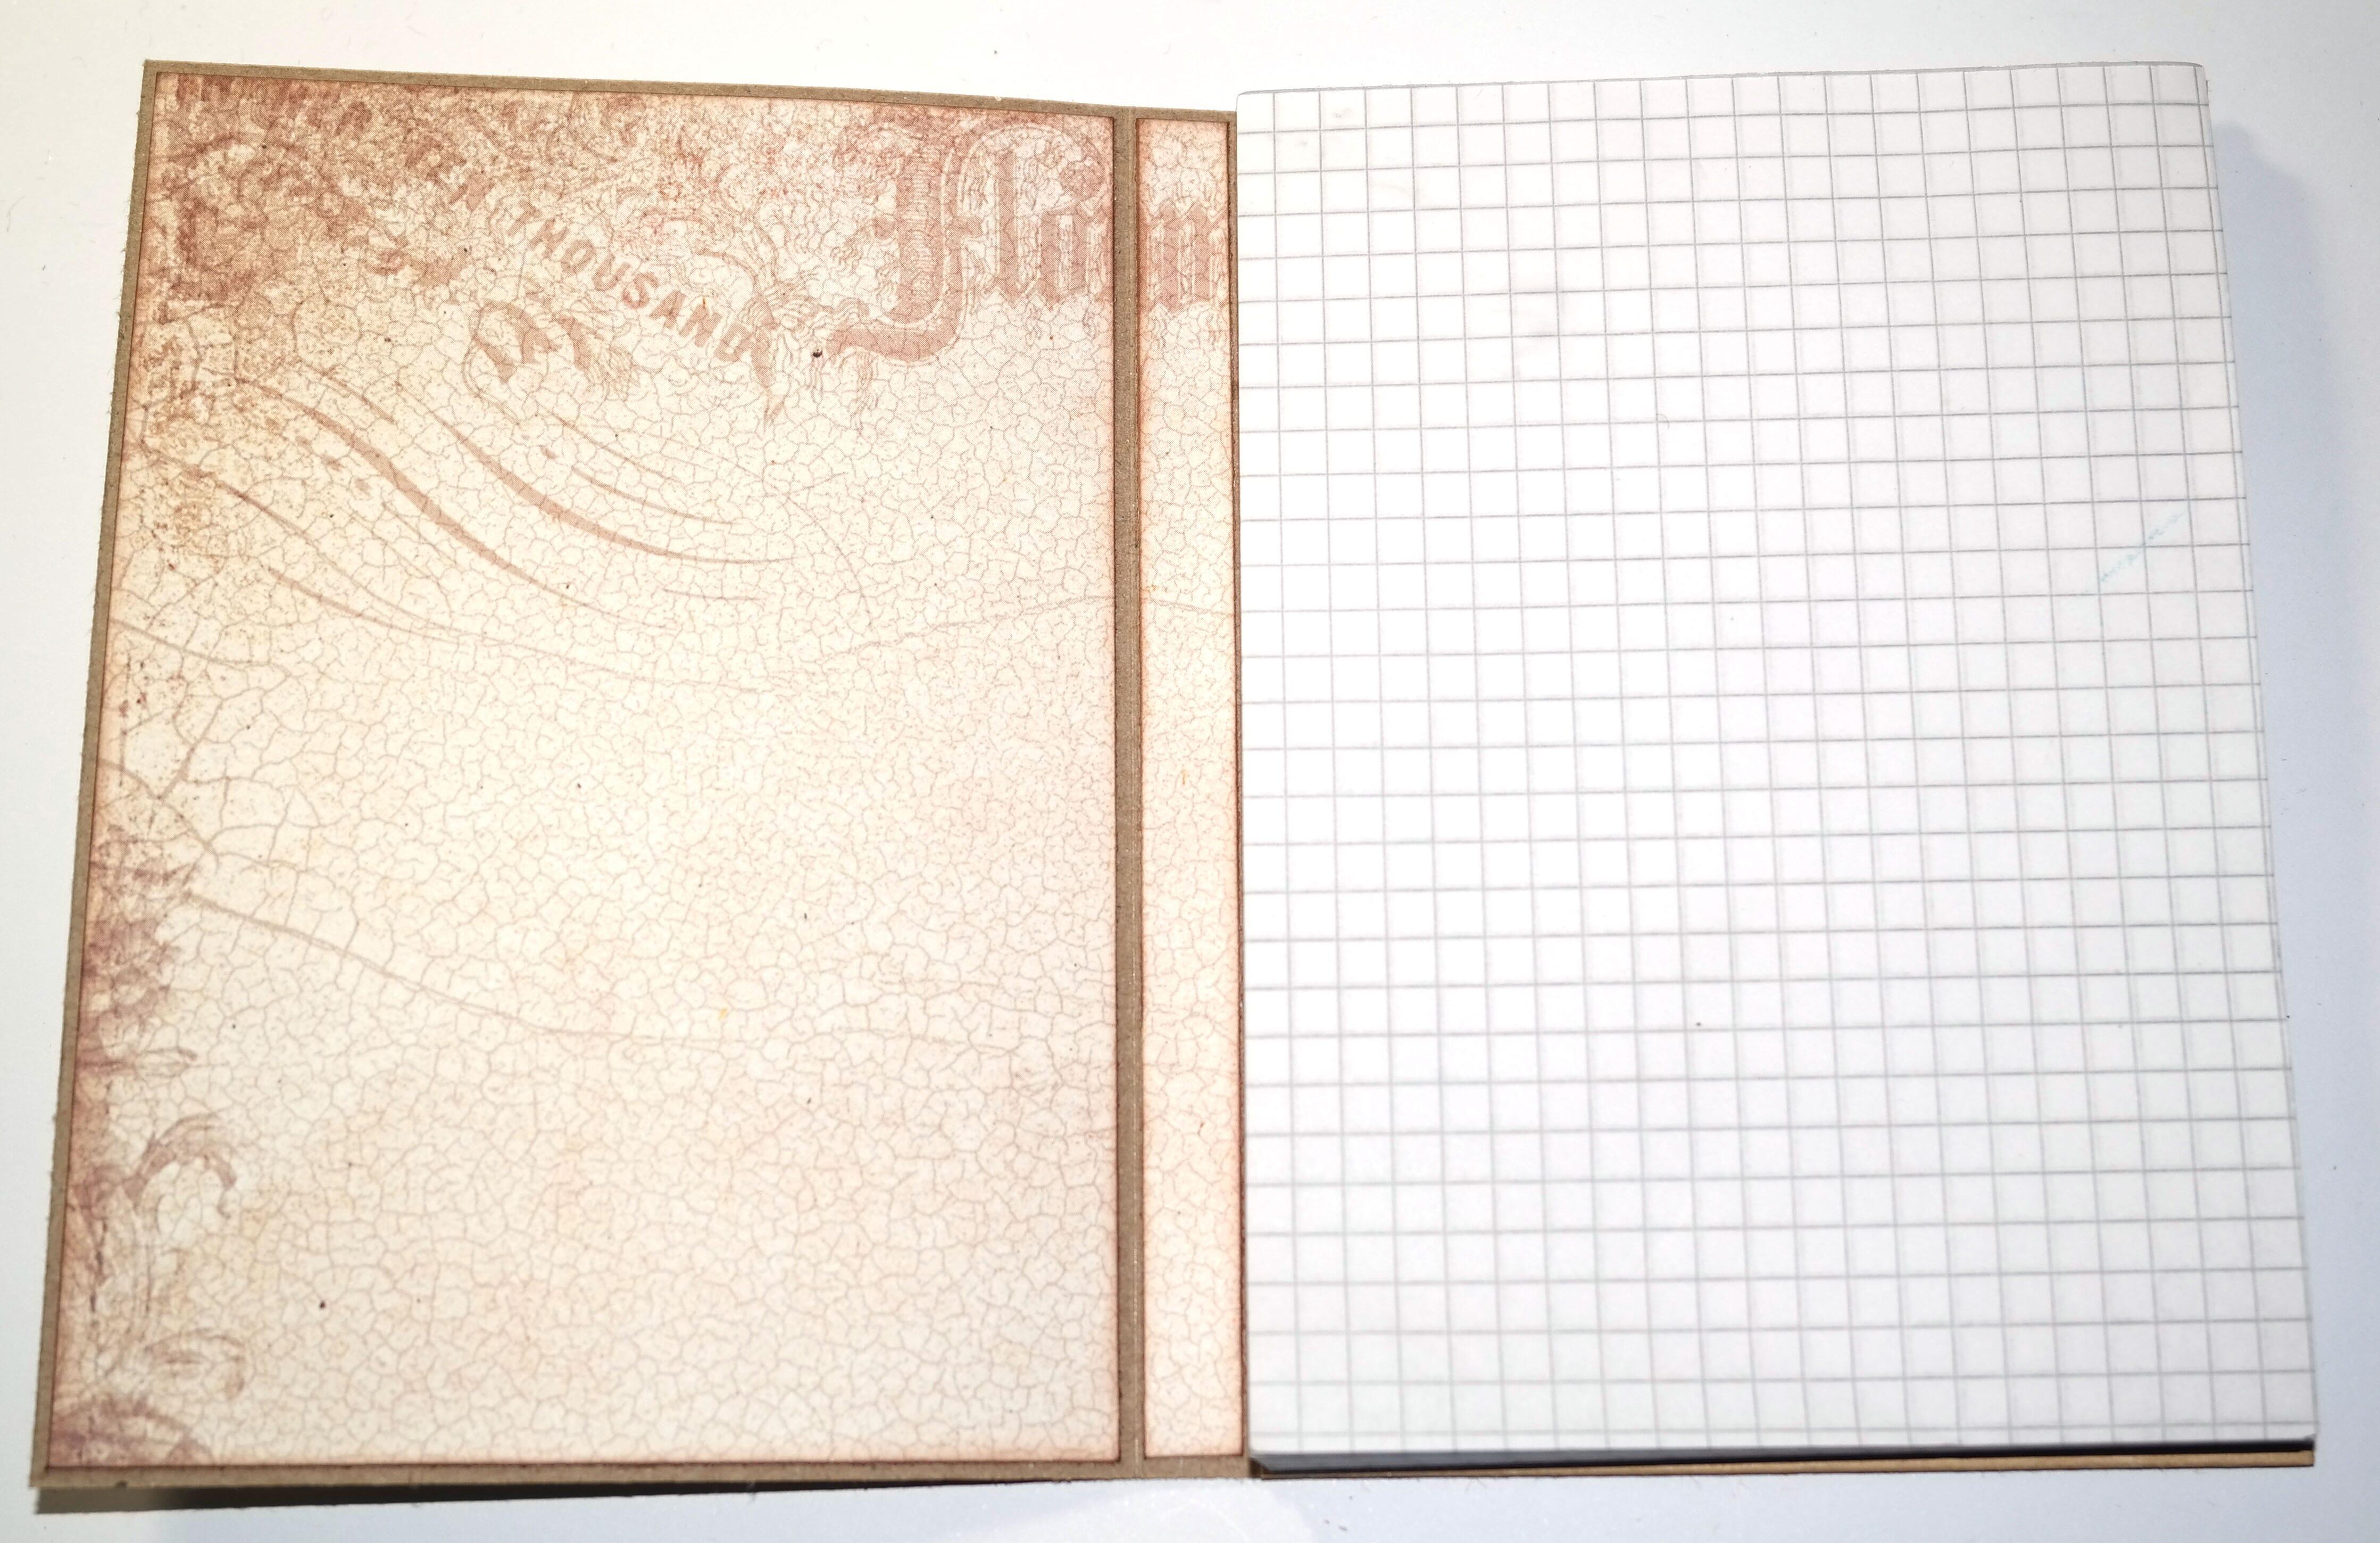 NOTATBOK - TEKNIKKURS - HOBBYKUNST NORGE - TEKNIKK KURS - BOK TRIAL - BOK TEKNIKK - INNBUNDET BLOKK - NOTISBLOKK - 1.jpg